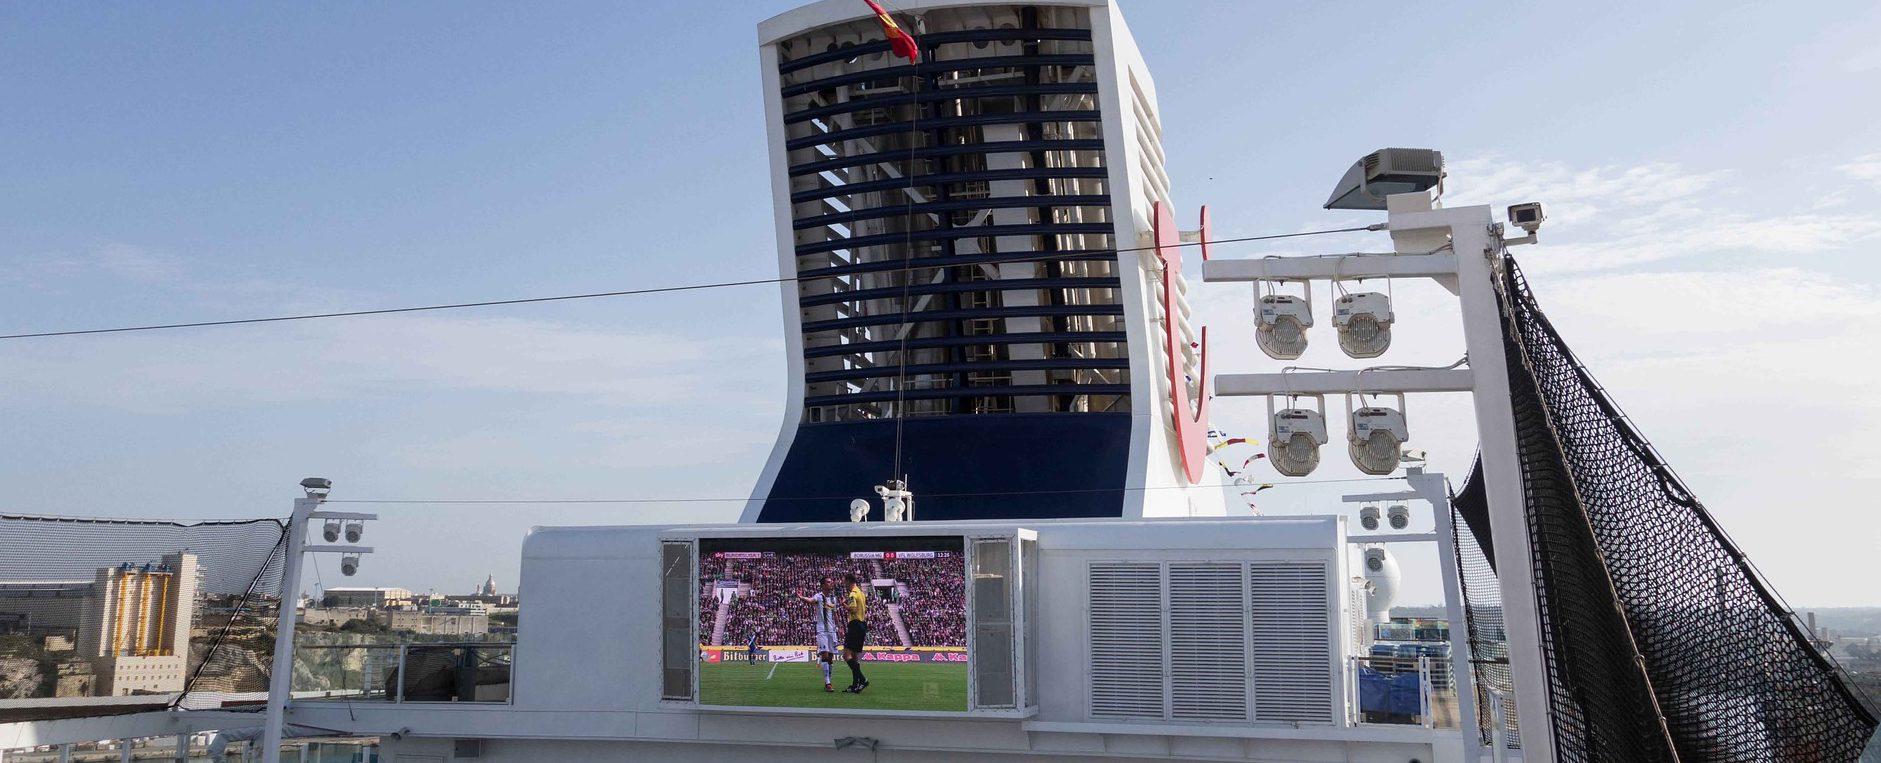 TUI Cruises - Arena